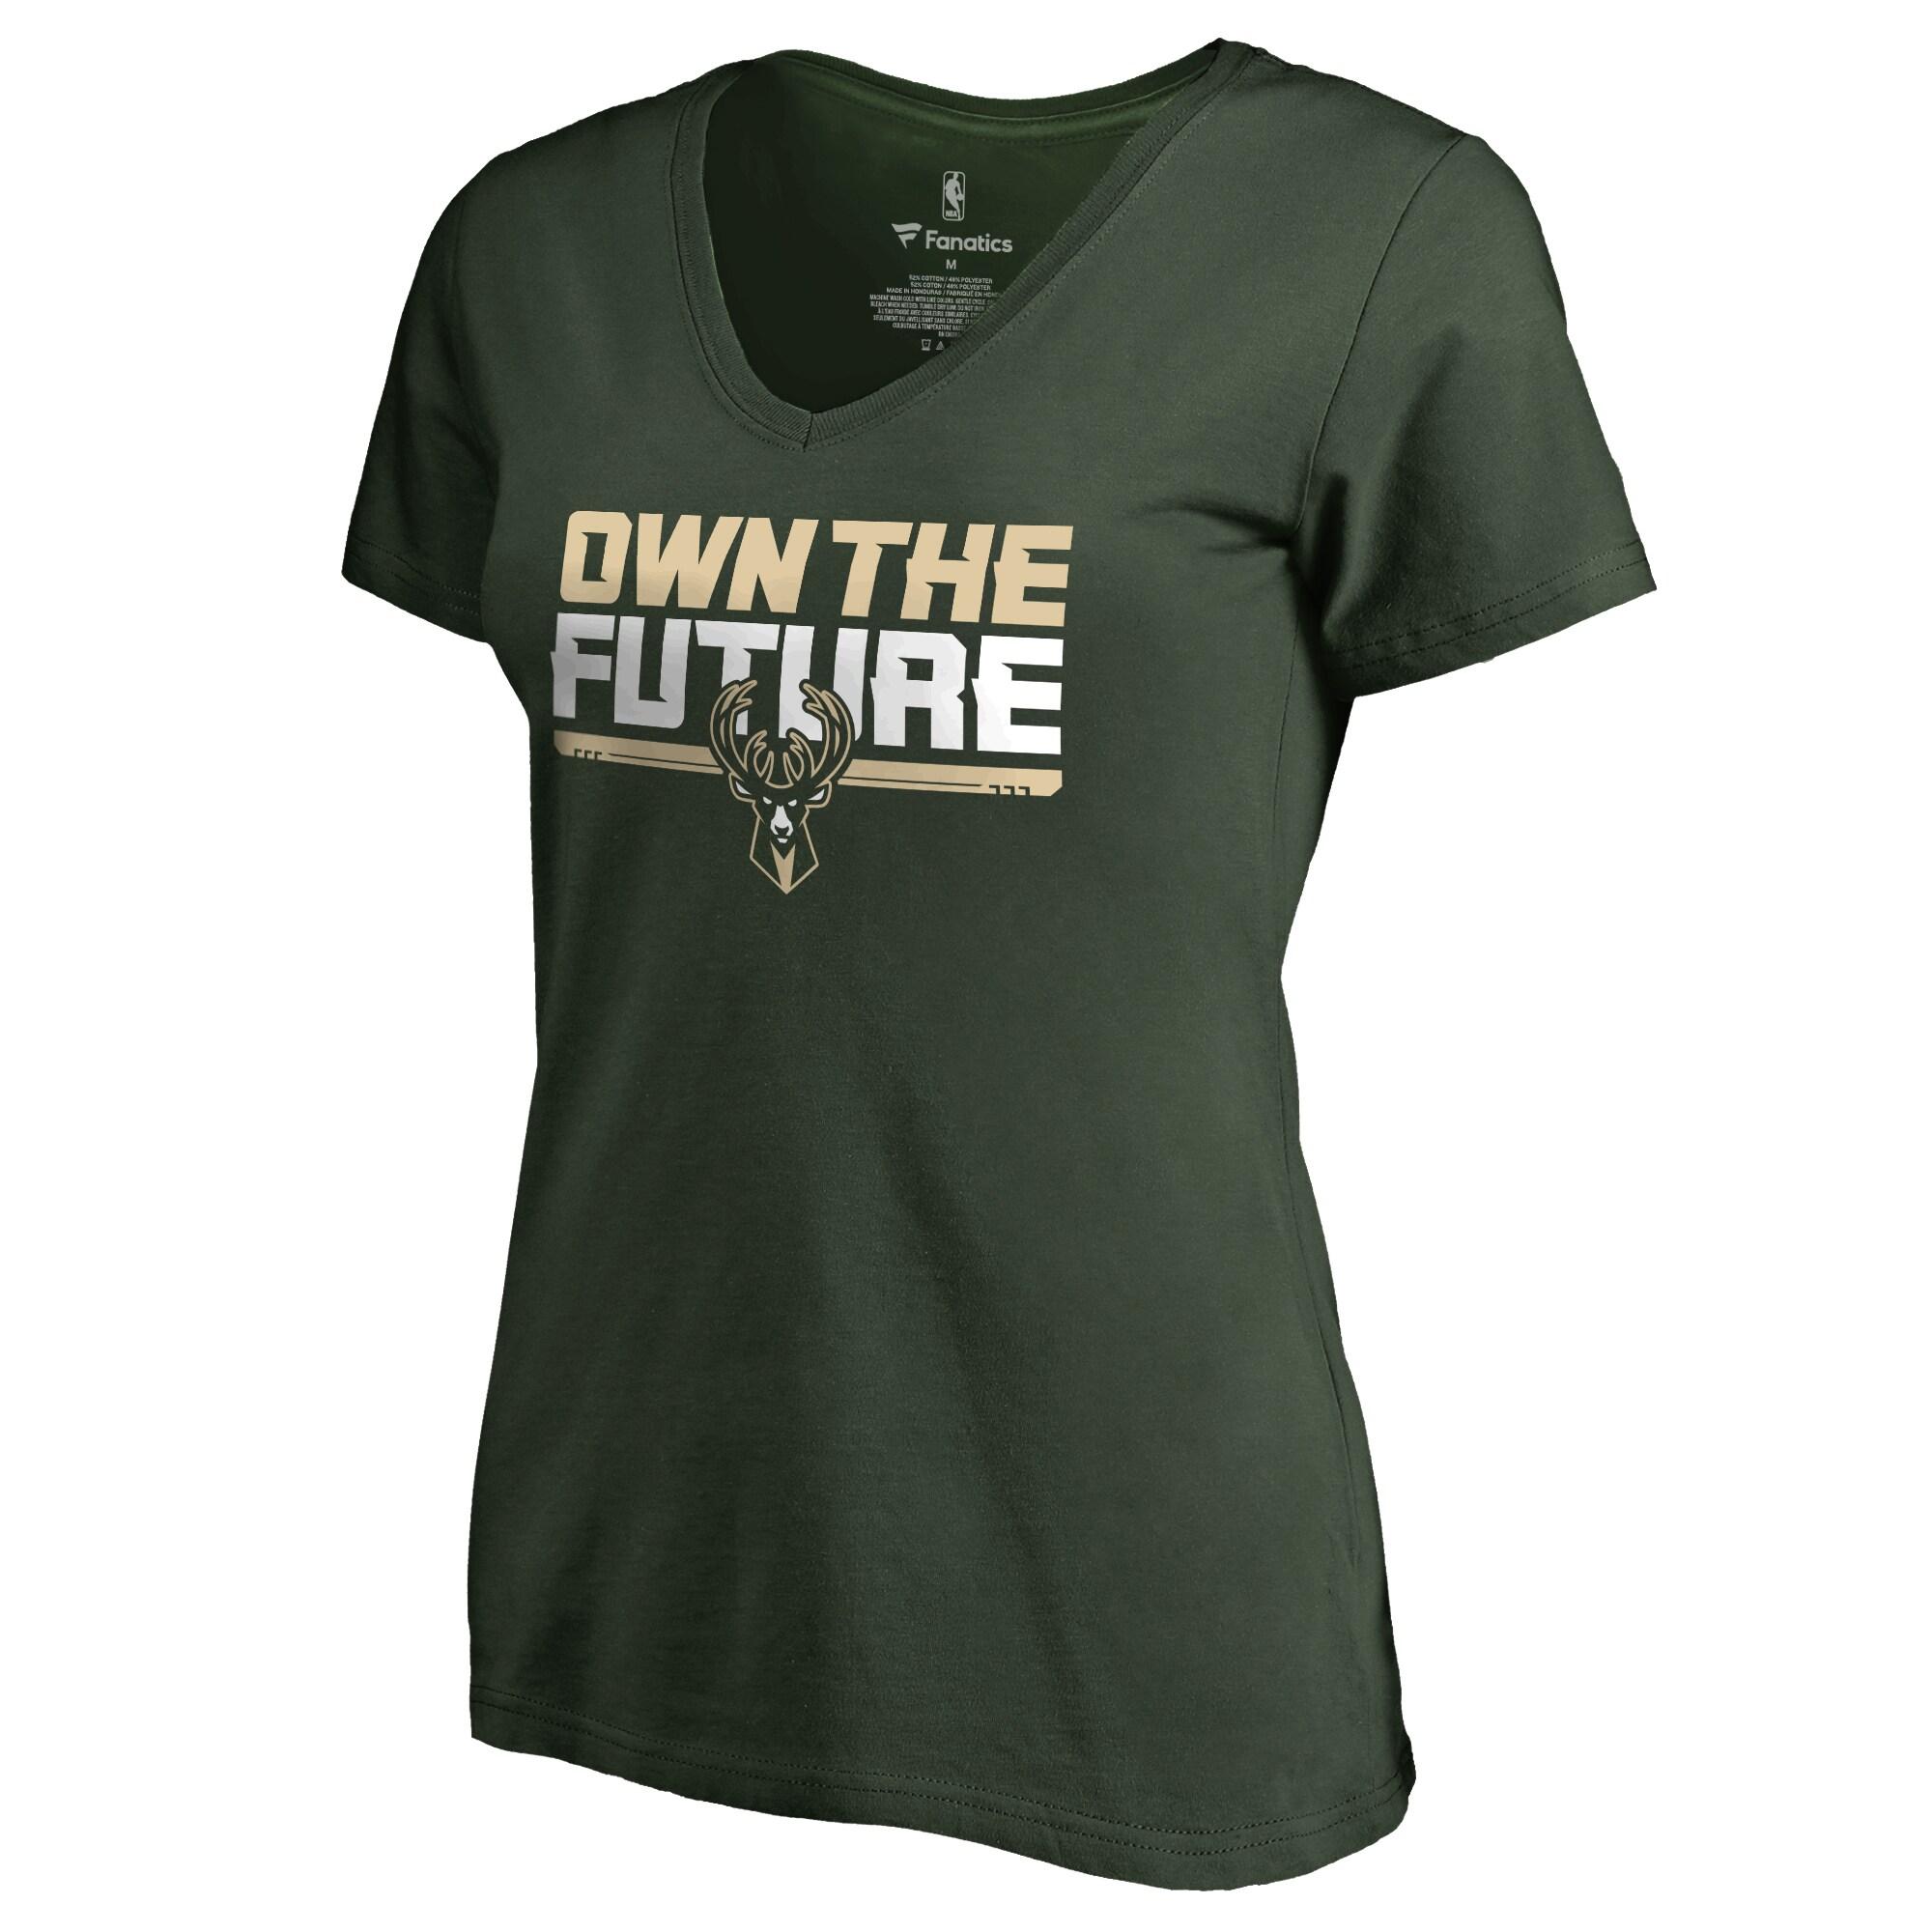 Milwaukee Bucks Women's #Ownthefuture V-Neck T-Shirt - Green